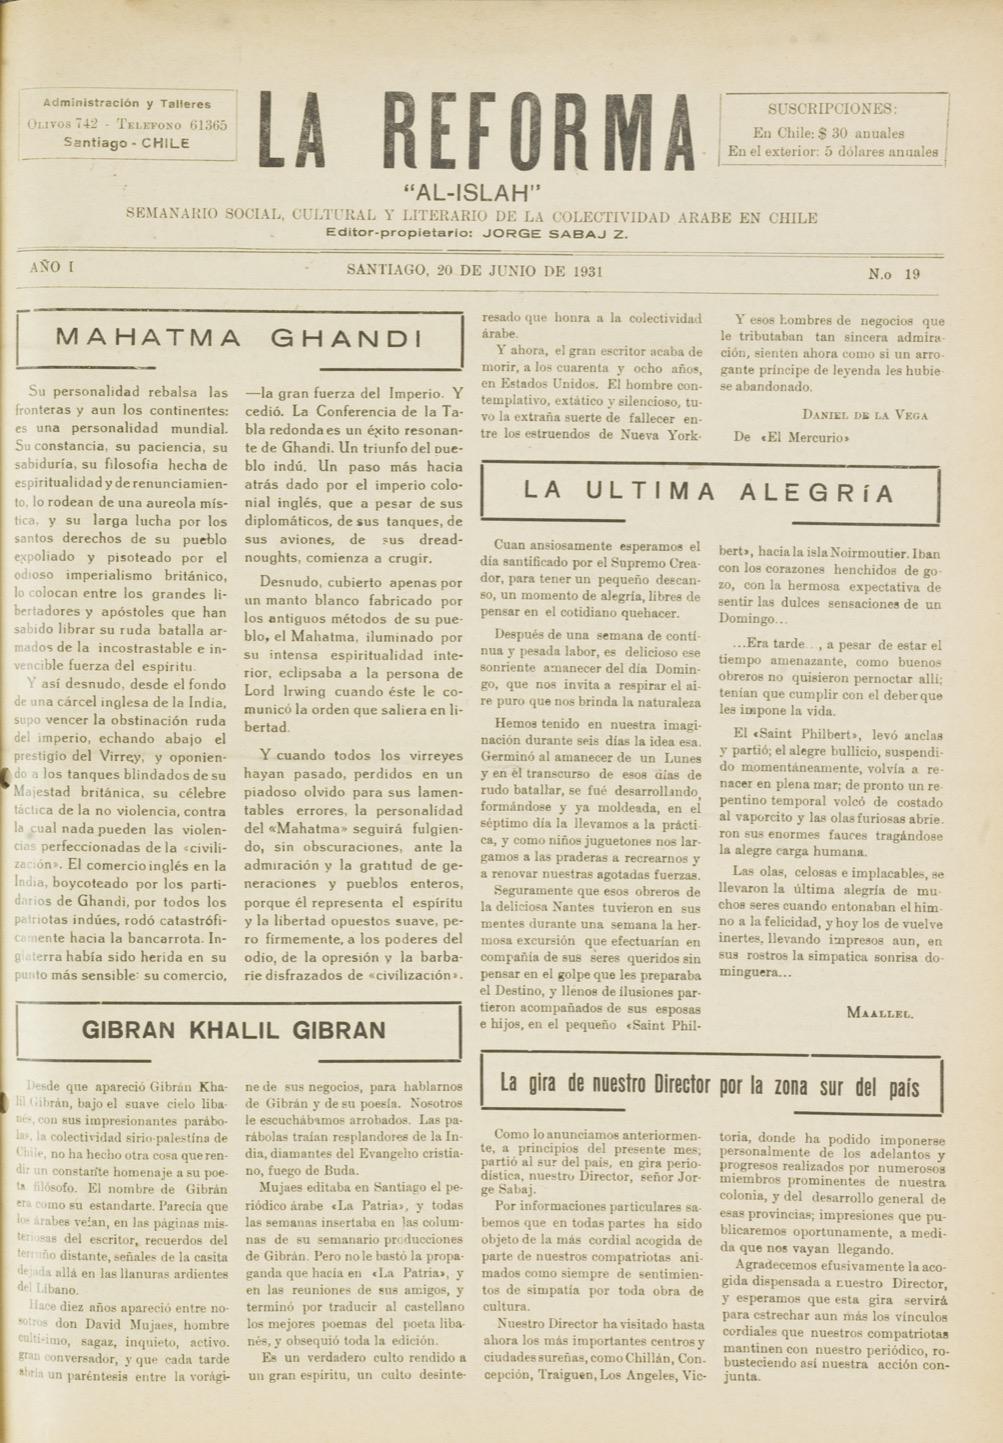 """I.H.A., """"Gibran Khalil Gibran"""", La Reforma, Jun 20, 1931, pp. 1,3."""